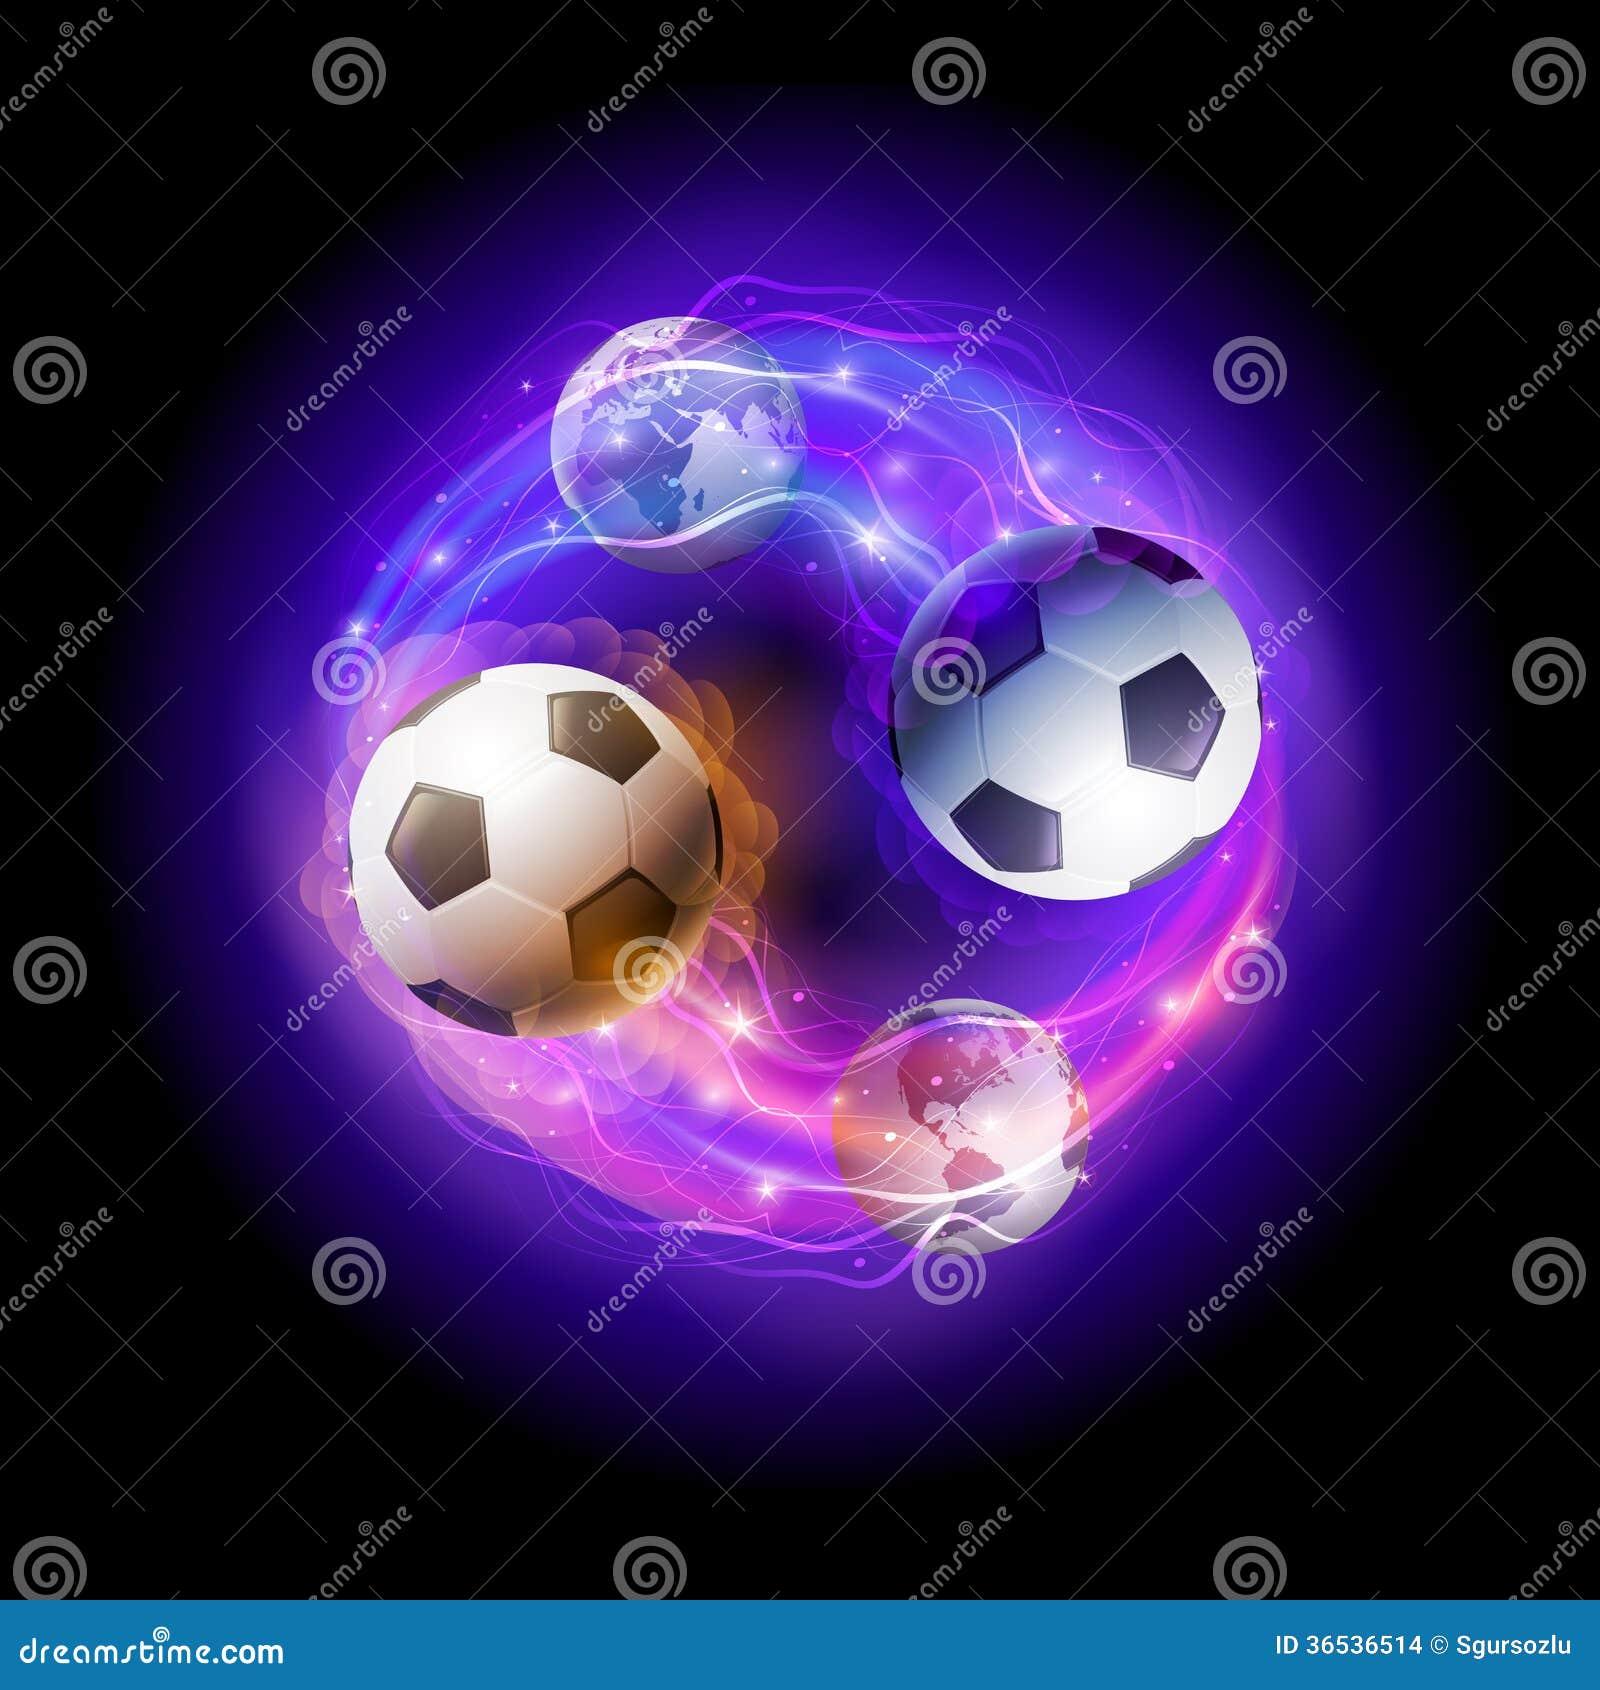 Soccer ball on fire rainbow